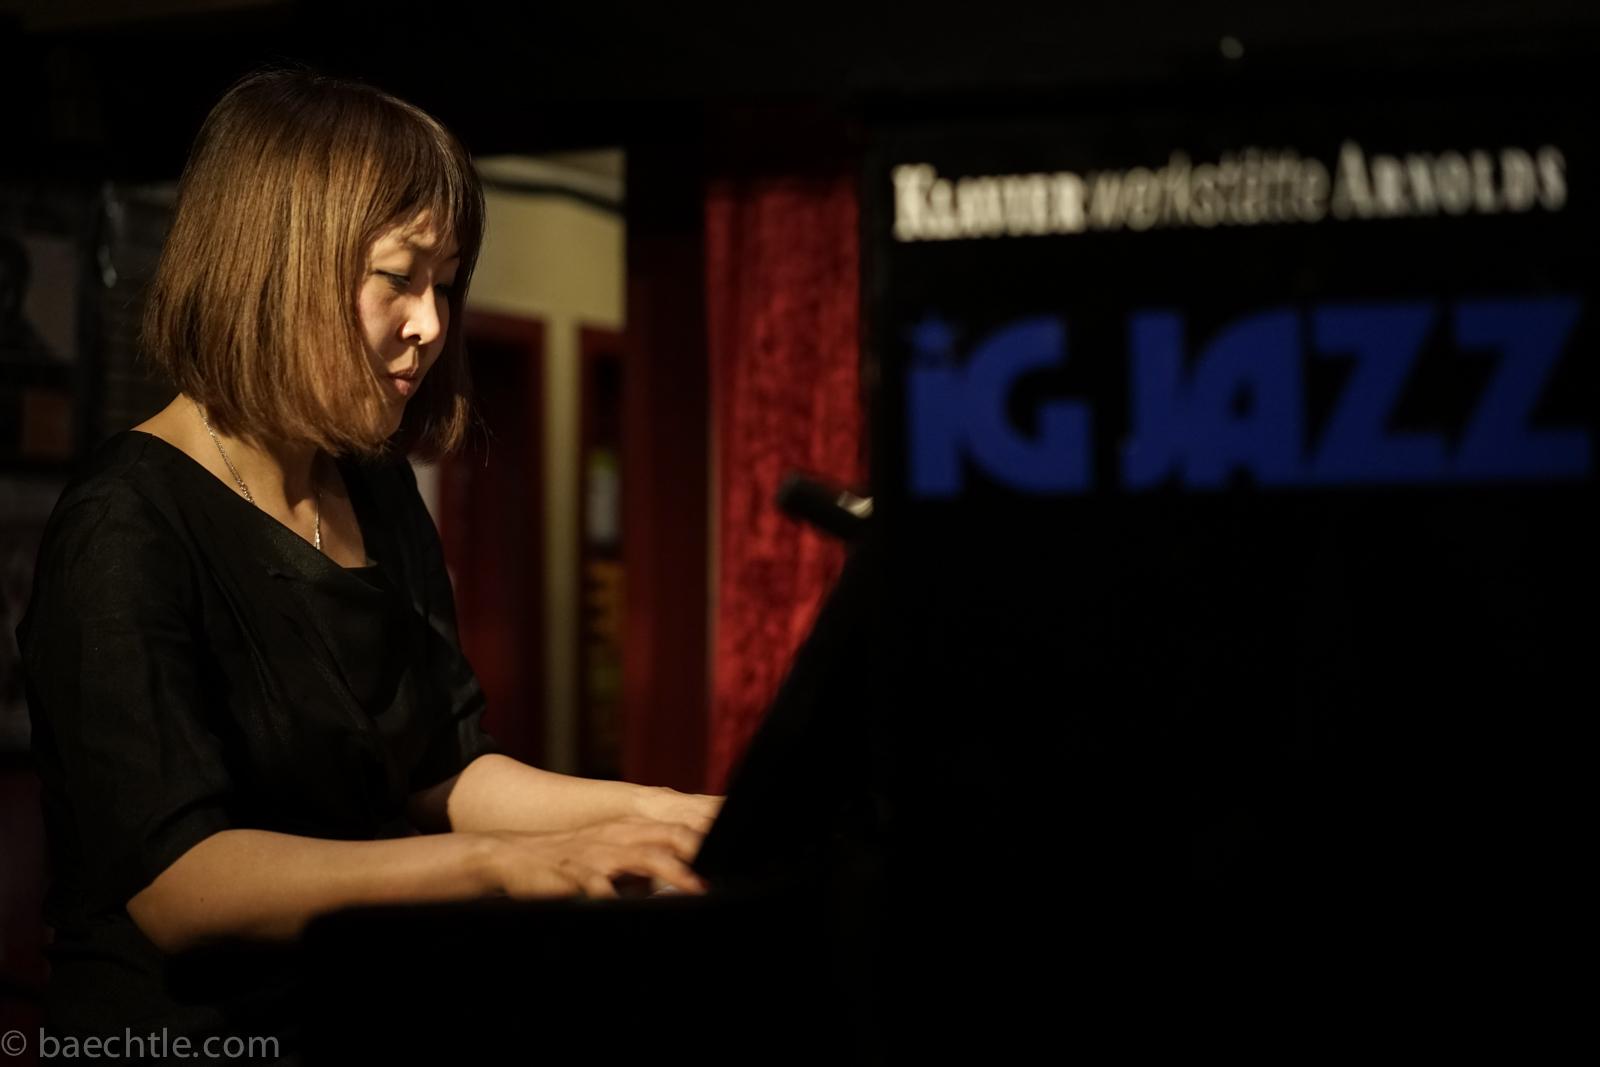 Die Jazzpianistin Gee Hye Lee